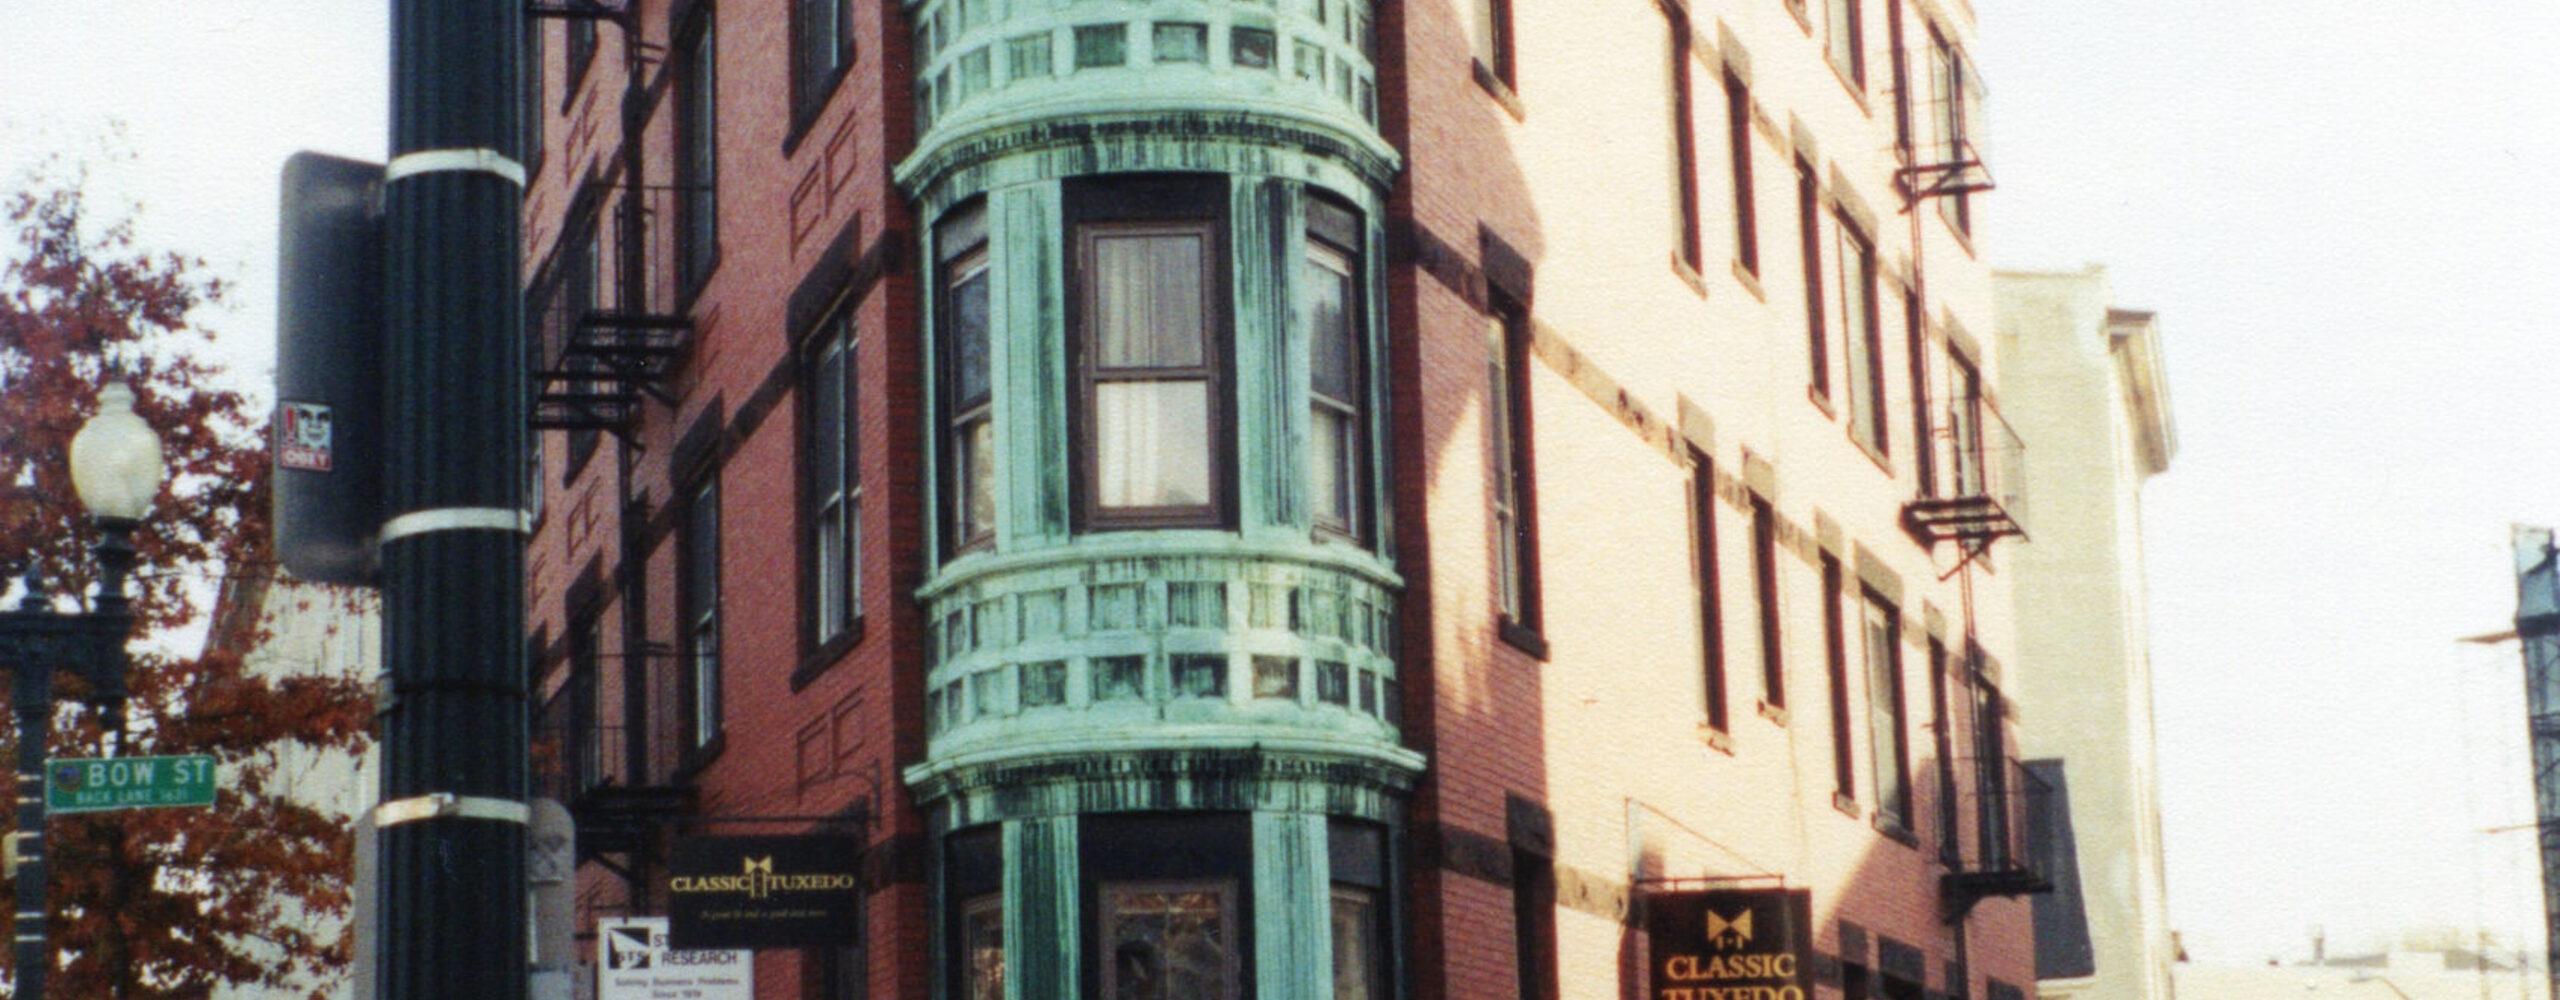 Бостон 2000 года.